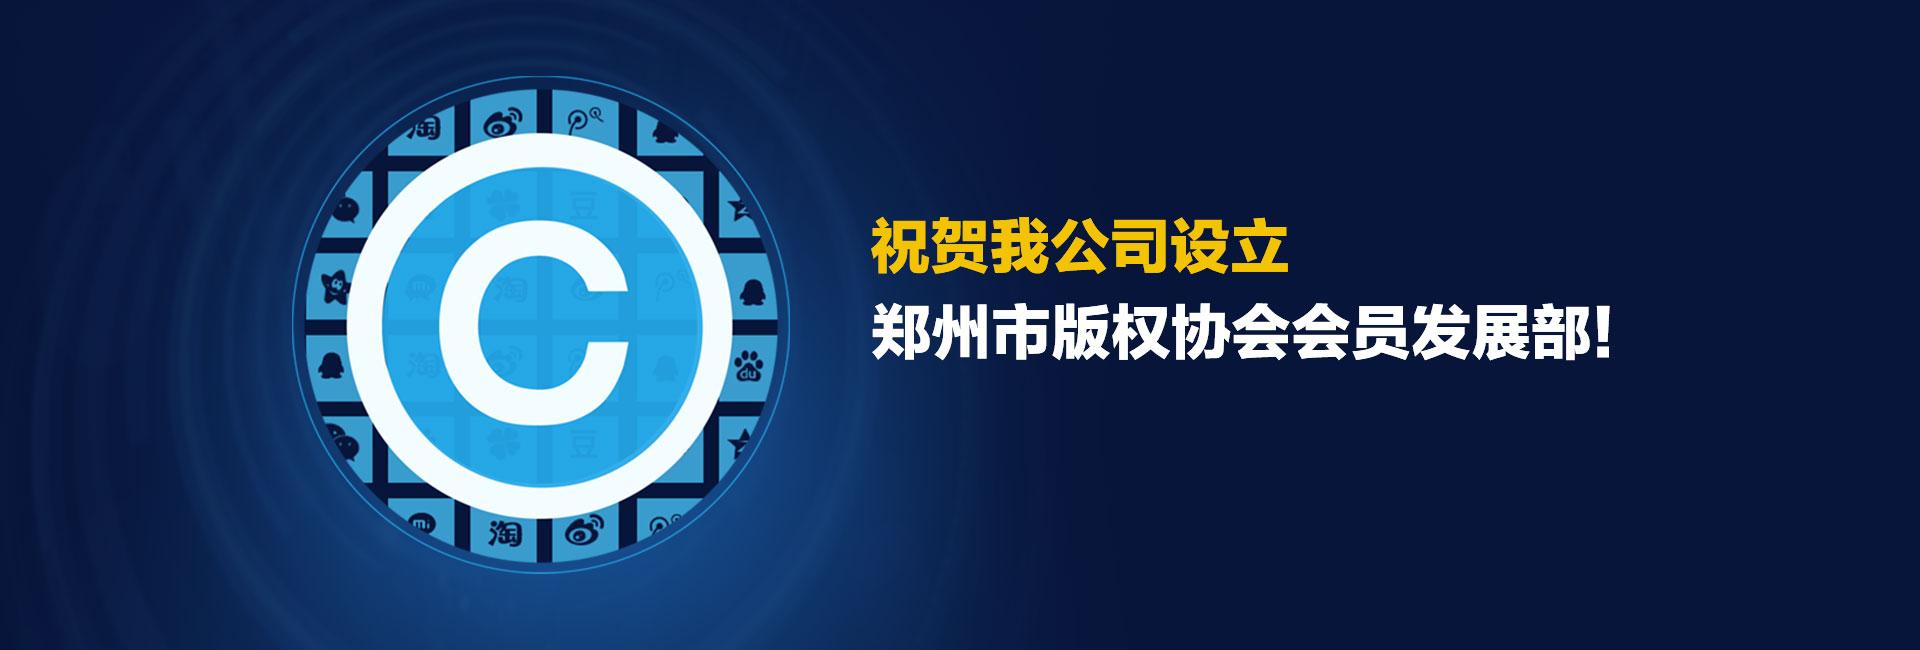 郑州版权与知识产权服务